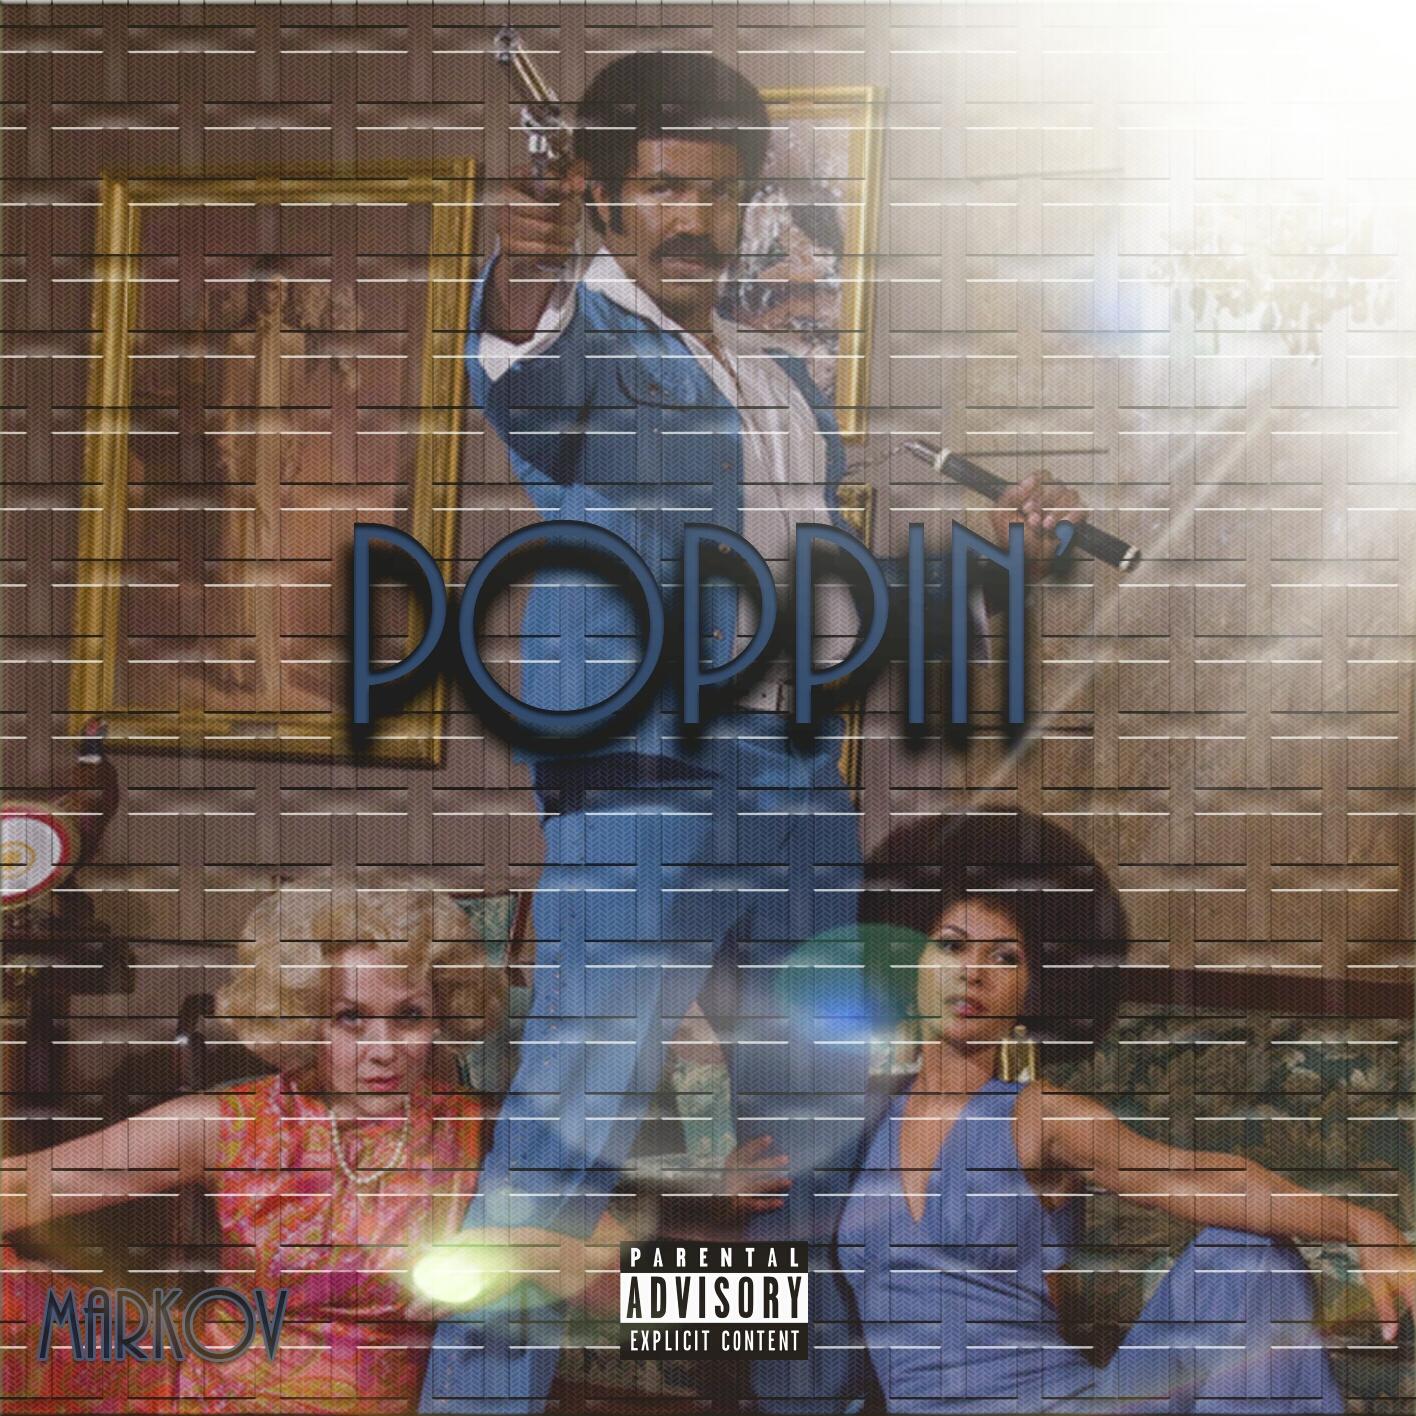 Markov – Poppin'